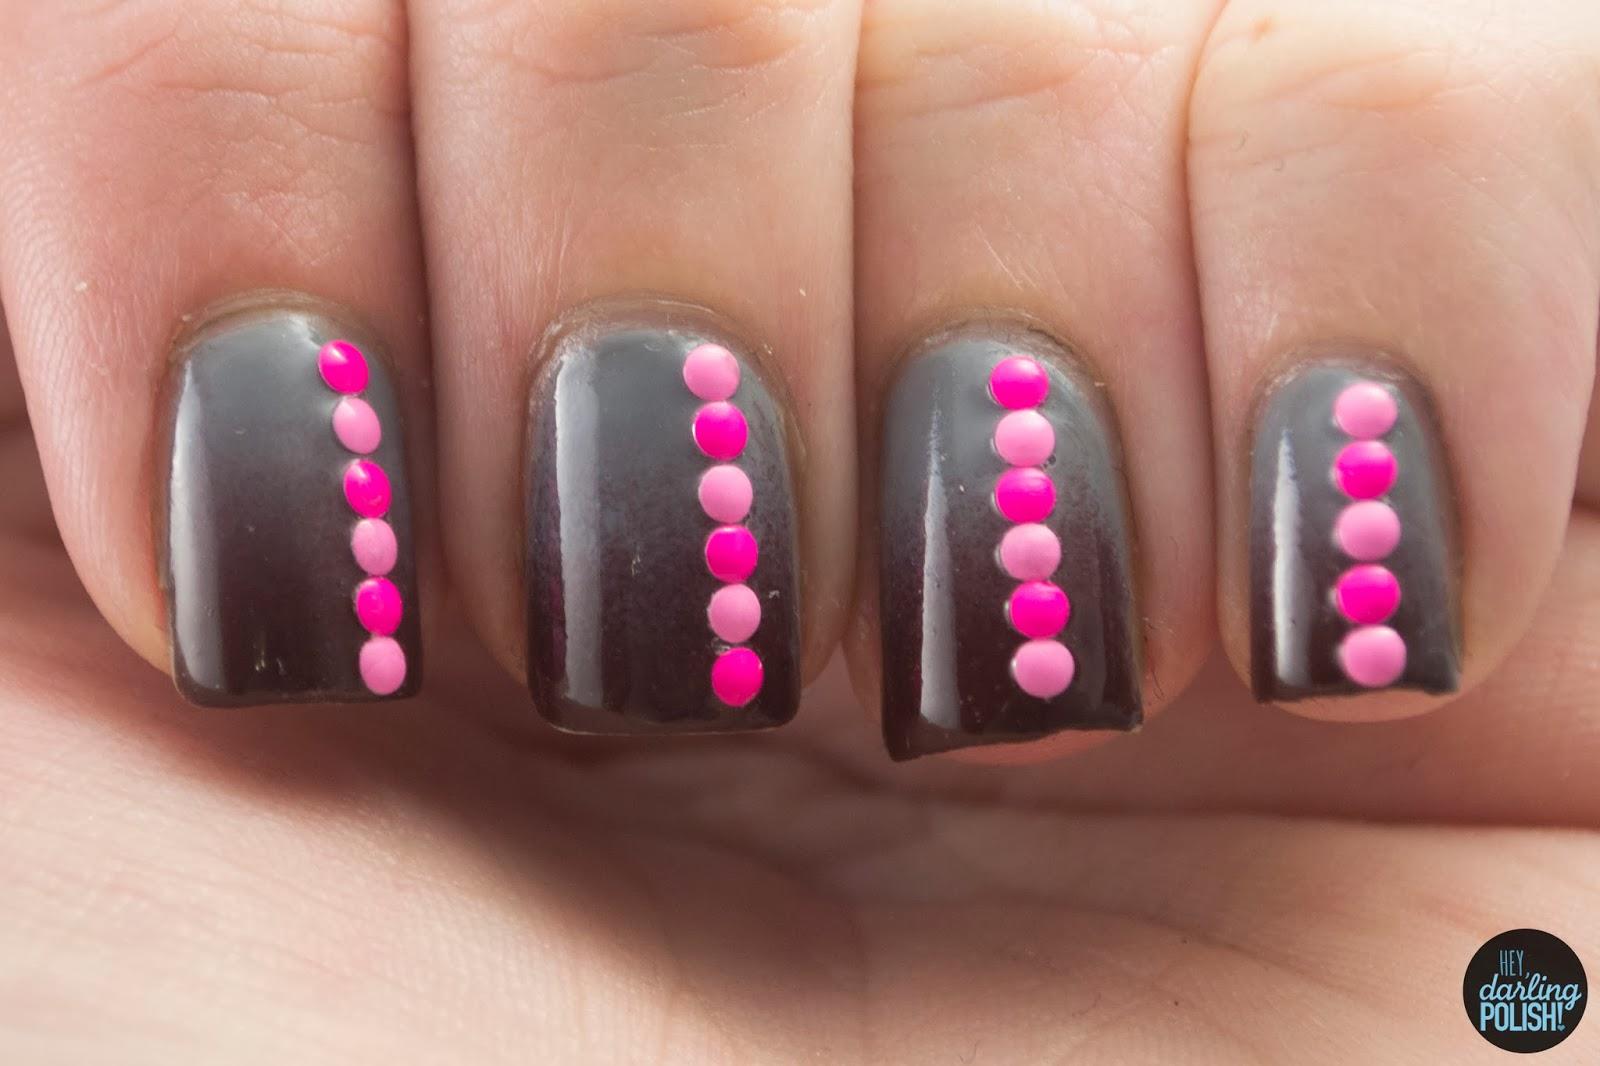 nails, nail art, nail polish, polish, gradient, studs, brown, grey, pink, tpc, tri polish challenge, hey darling polish